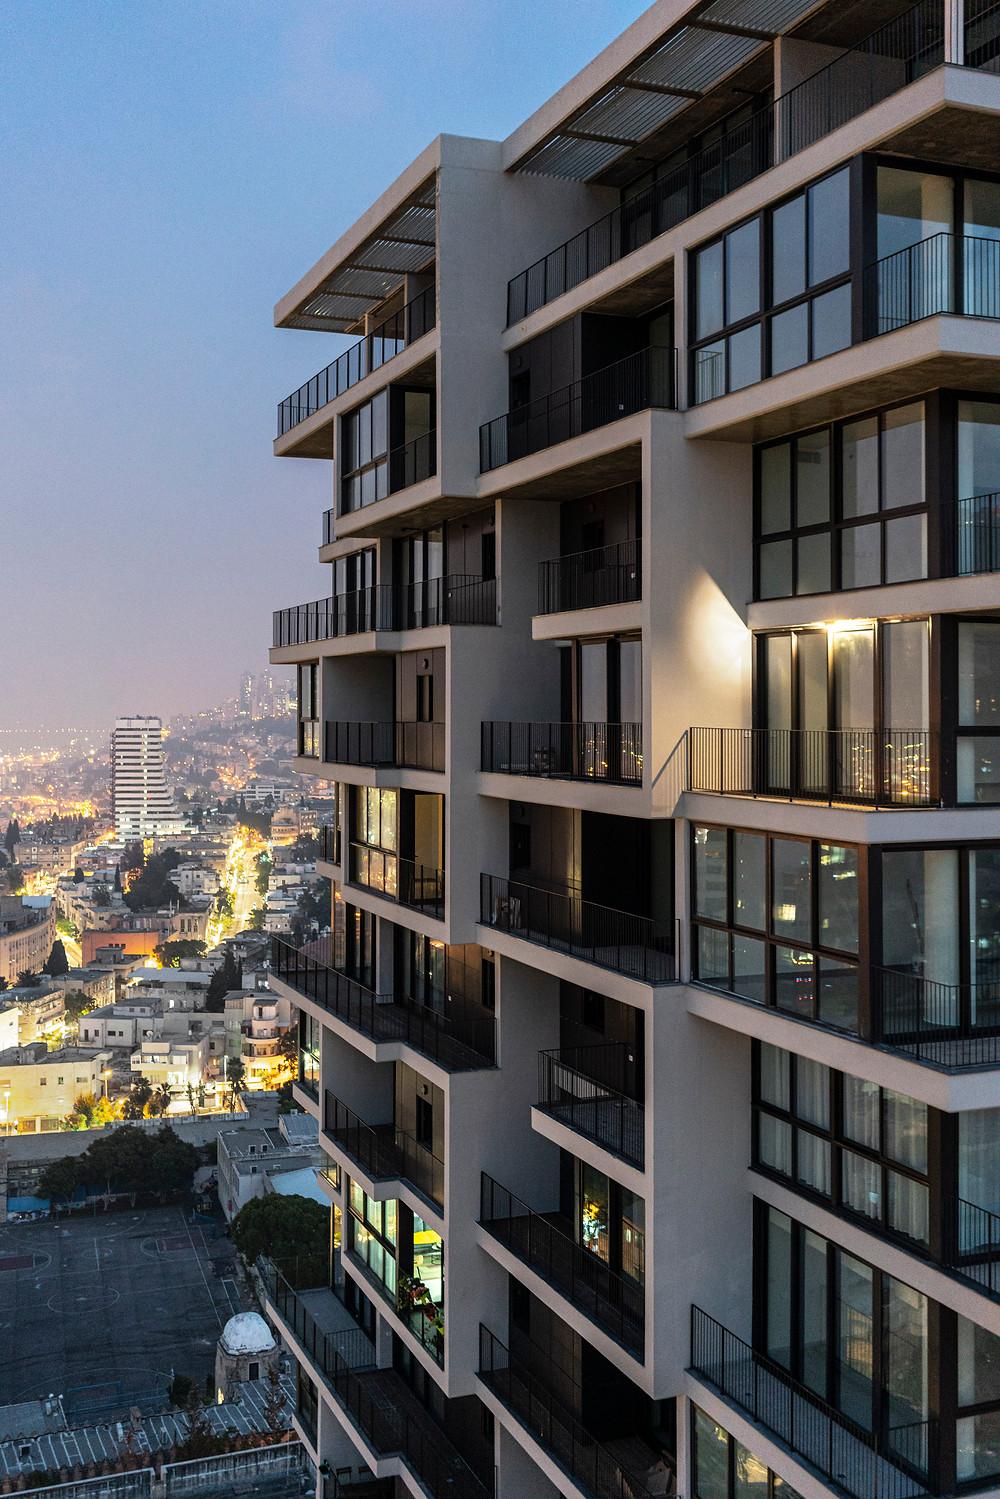 מגדל אחד העם חיפה בשקיעה